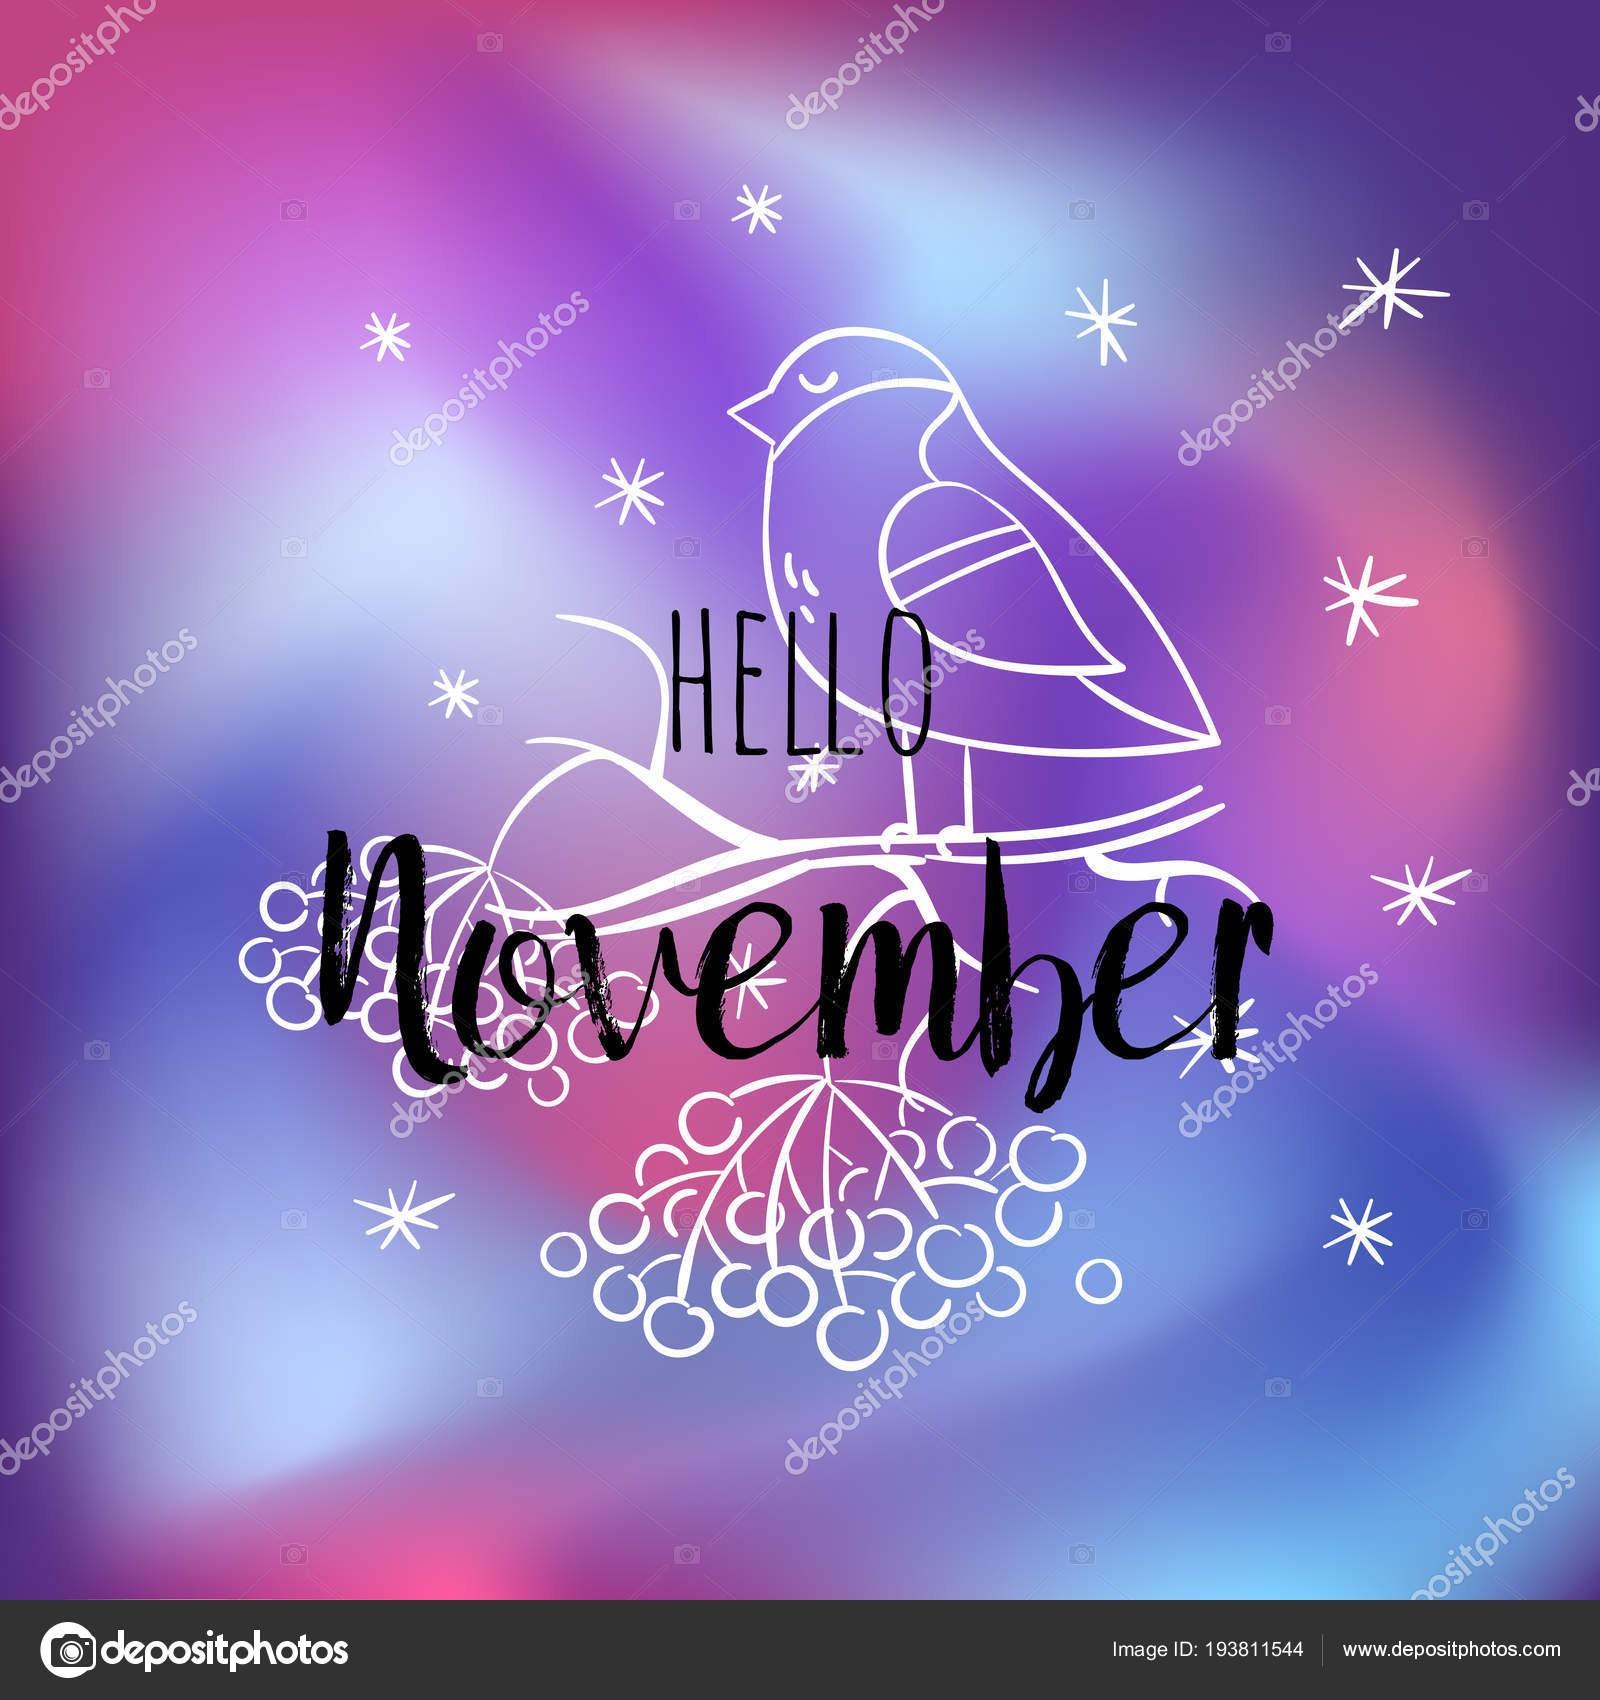 Olá cartaz de novembro Dom fafe snowlakes e rowan Imprimir motivacional para calendário planador convites folhetos cartaz t shirts